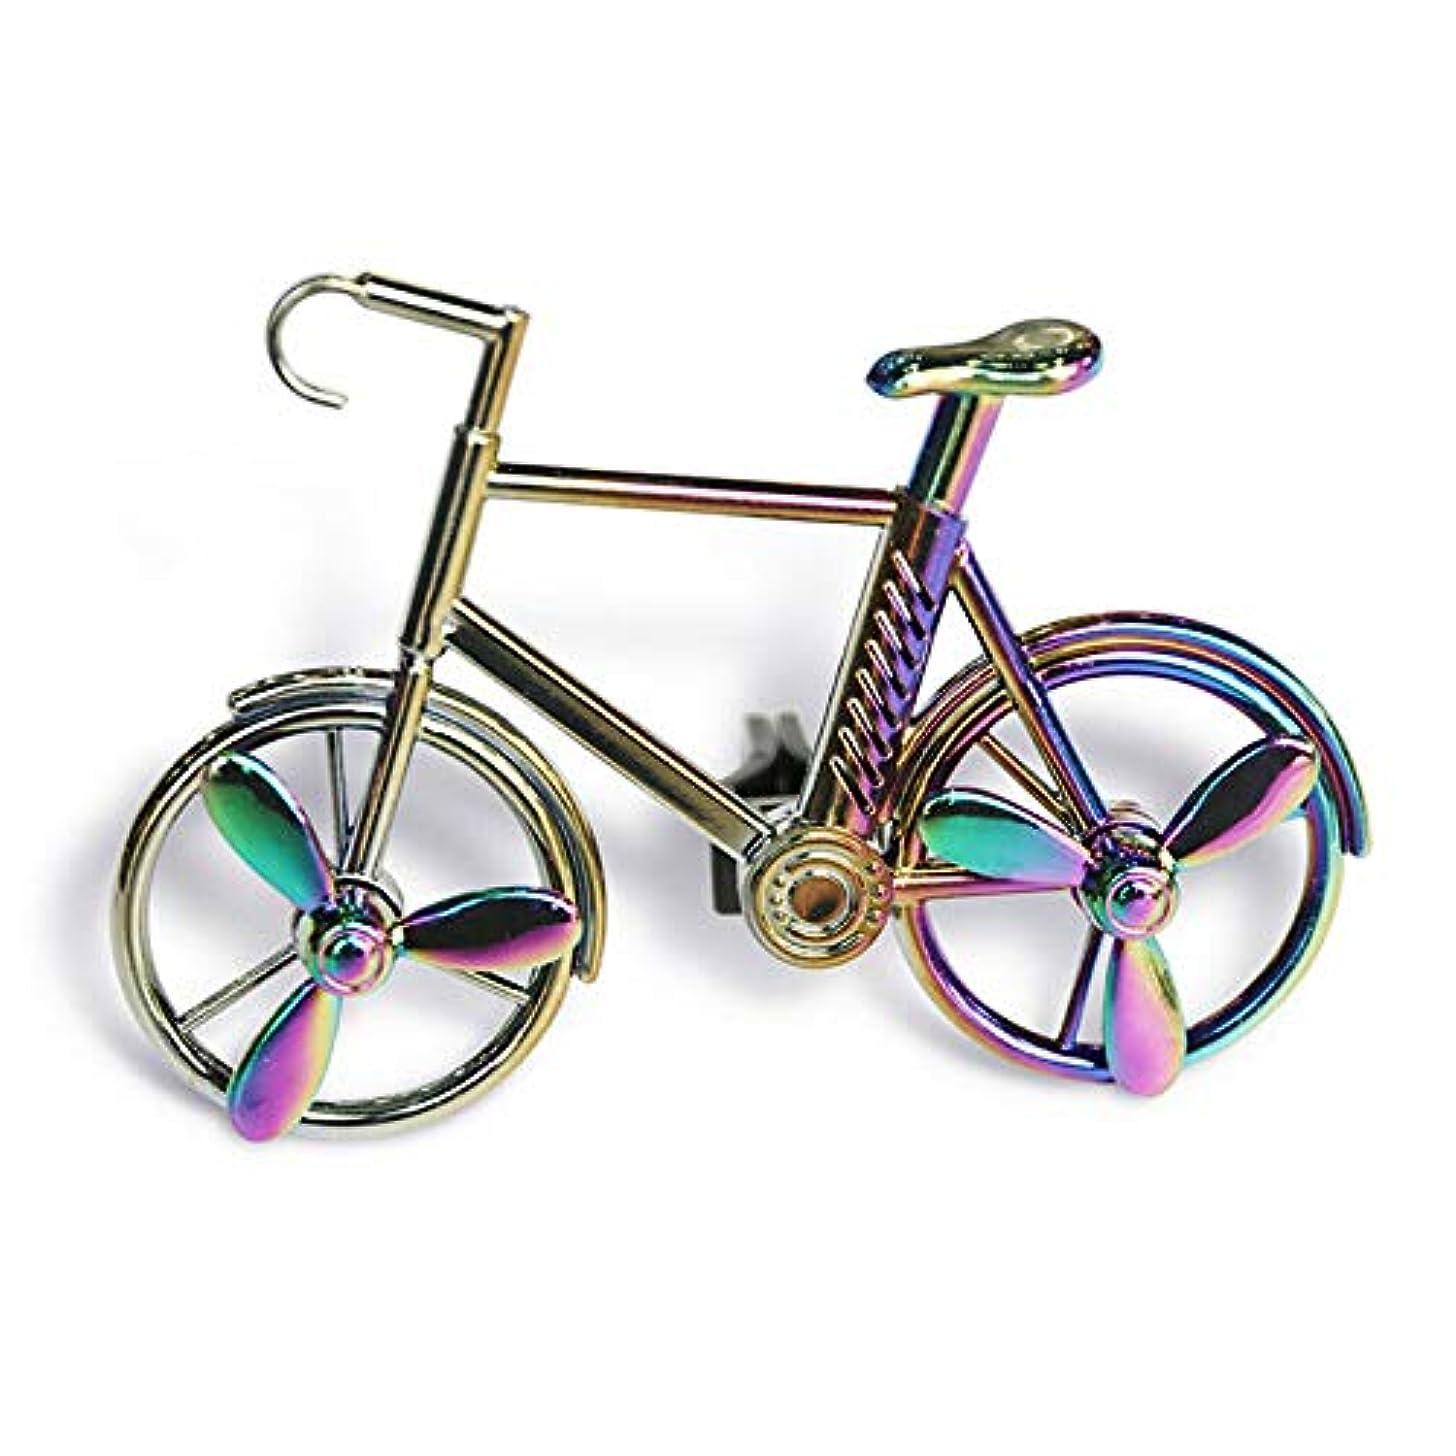 慣れる貯水池ピークSymboat 車の芳香剤車の出口のアロマセラピーの自動車付属品の自転車の装飾品の固体芳香車の香水